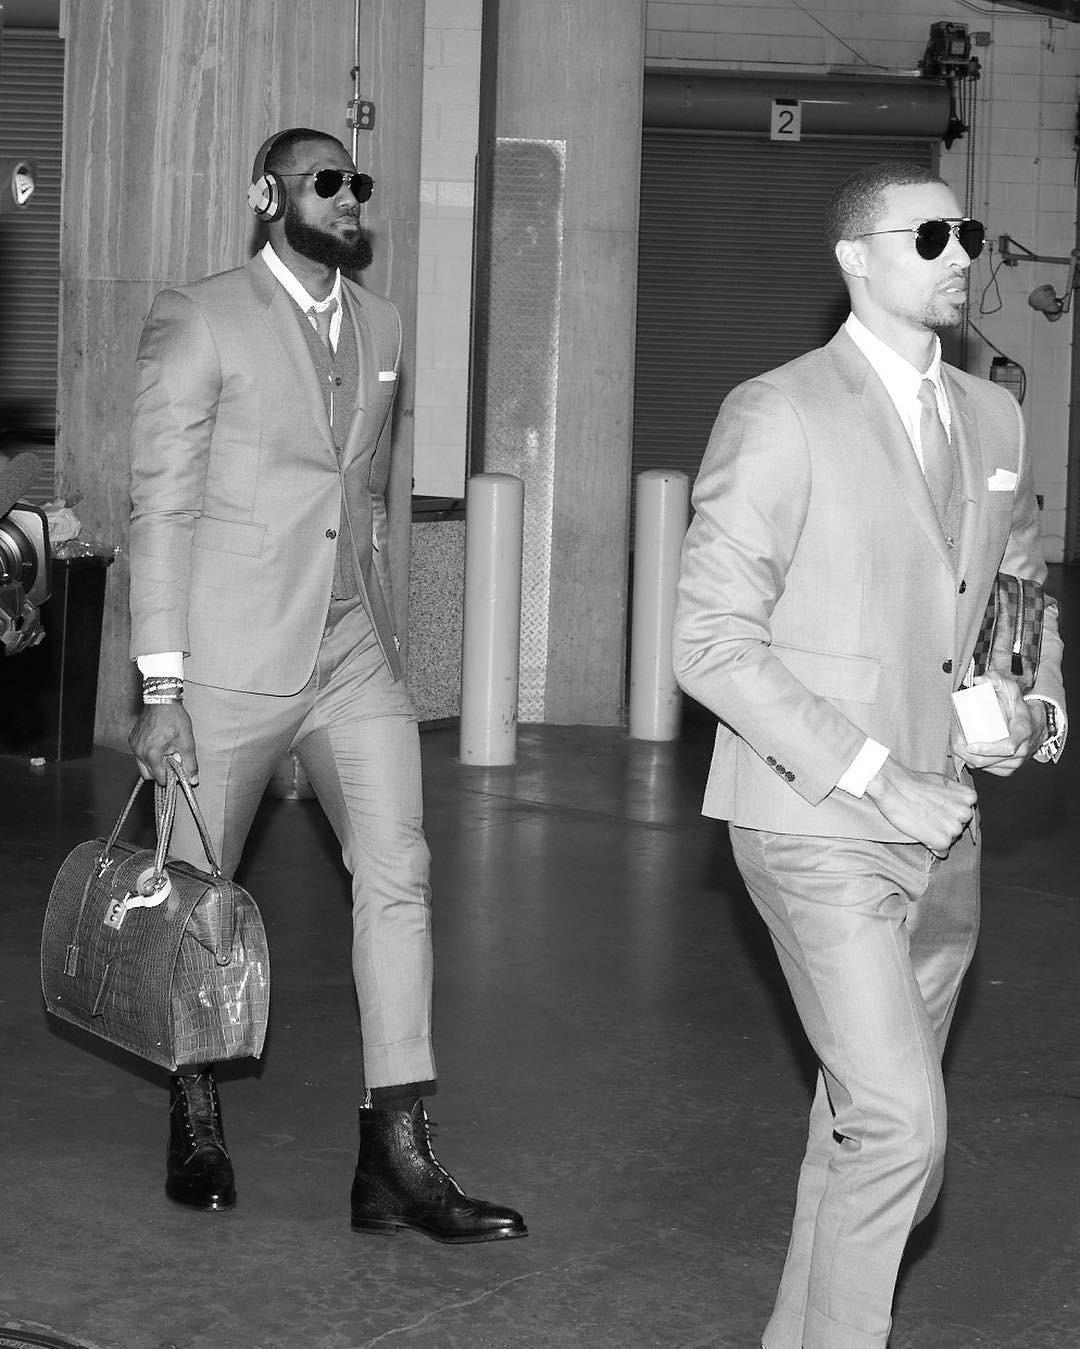 LeBron James e o Cleveland Cavaliers com seus Thom Browne acabaram de ser campeões da NBA - de estilo (Foto: Reprodução/Instagram)